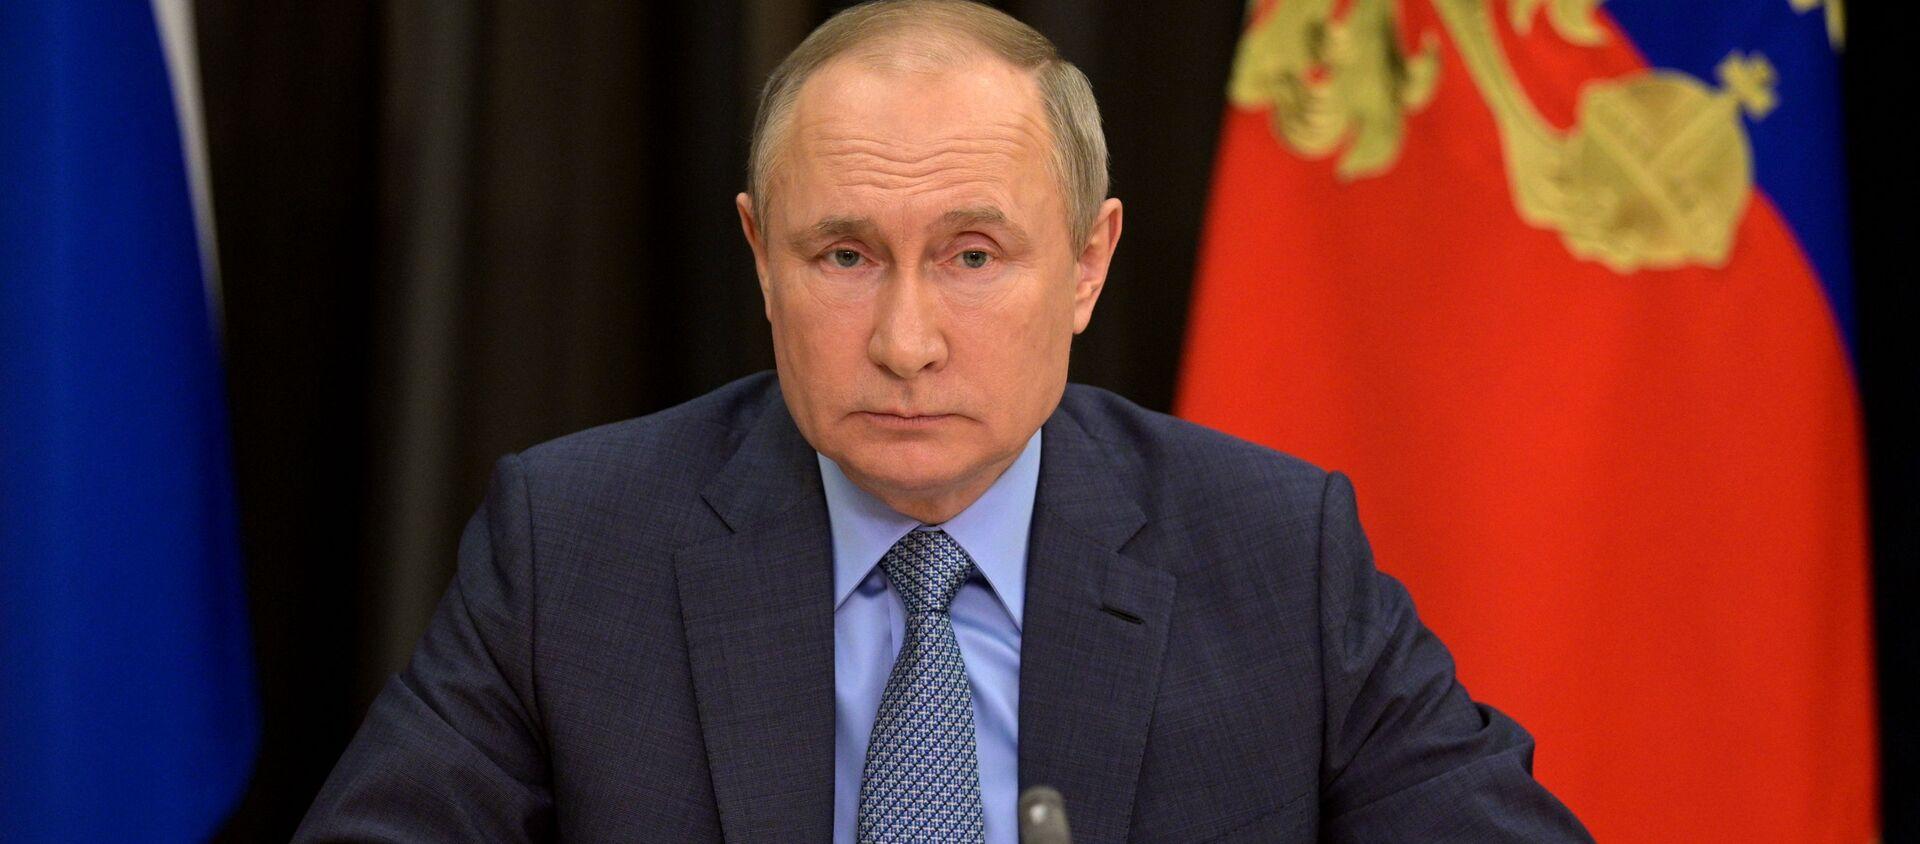 Президент РФ В. Путин провел встречу с вице-премьером РФ Т. Голиковой  - Sputnik Аҧсны, 1920, 07.06.2021